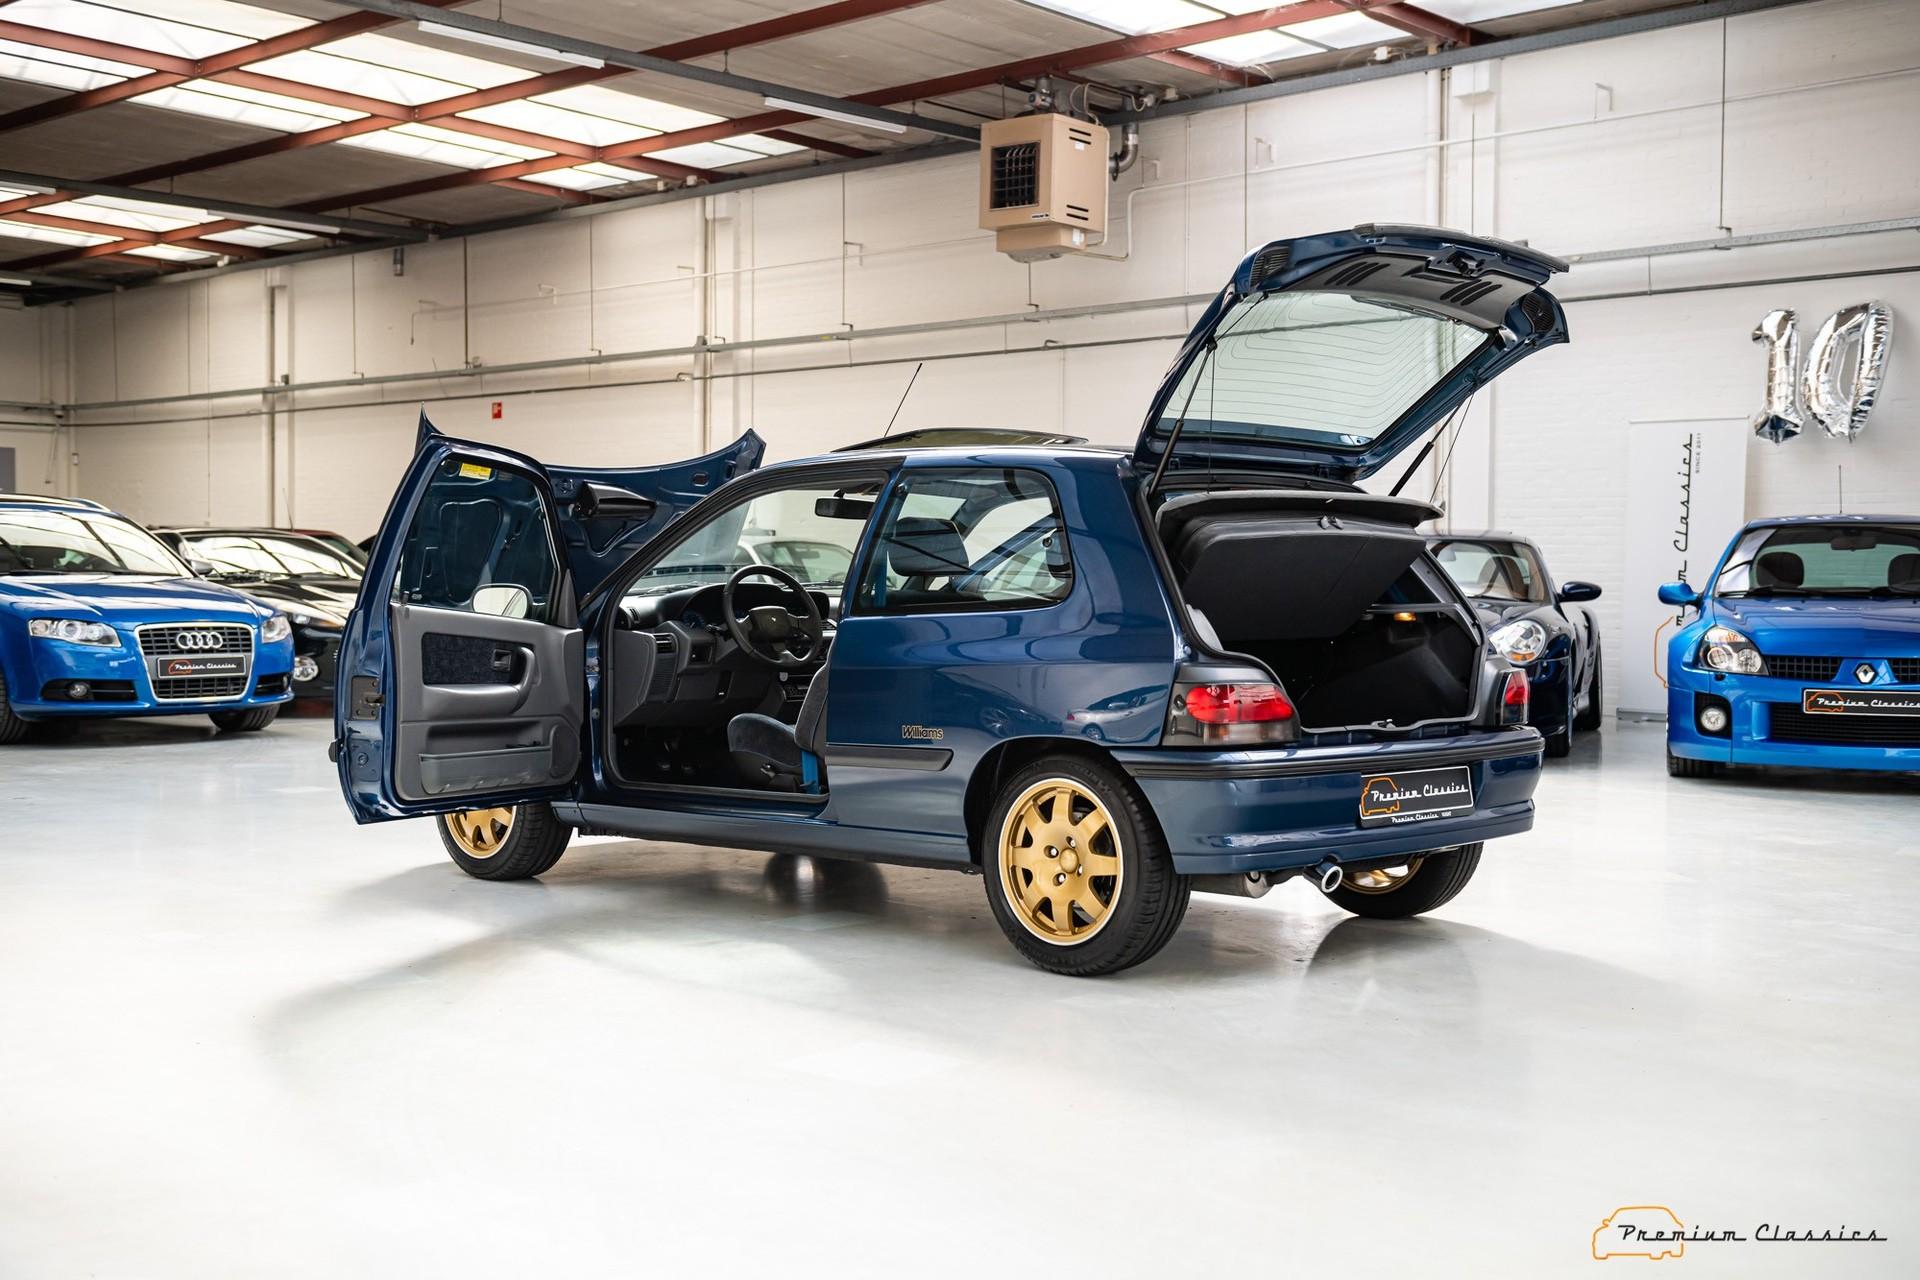 Renault_Clio_Williams_sale-0017